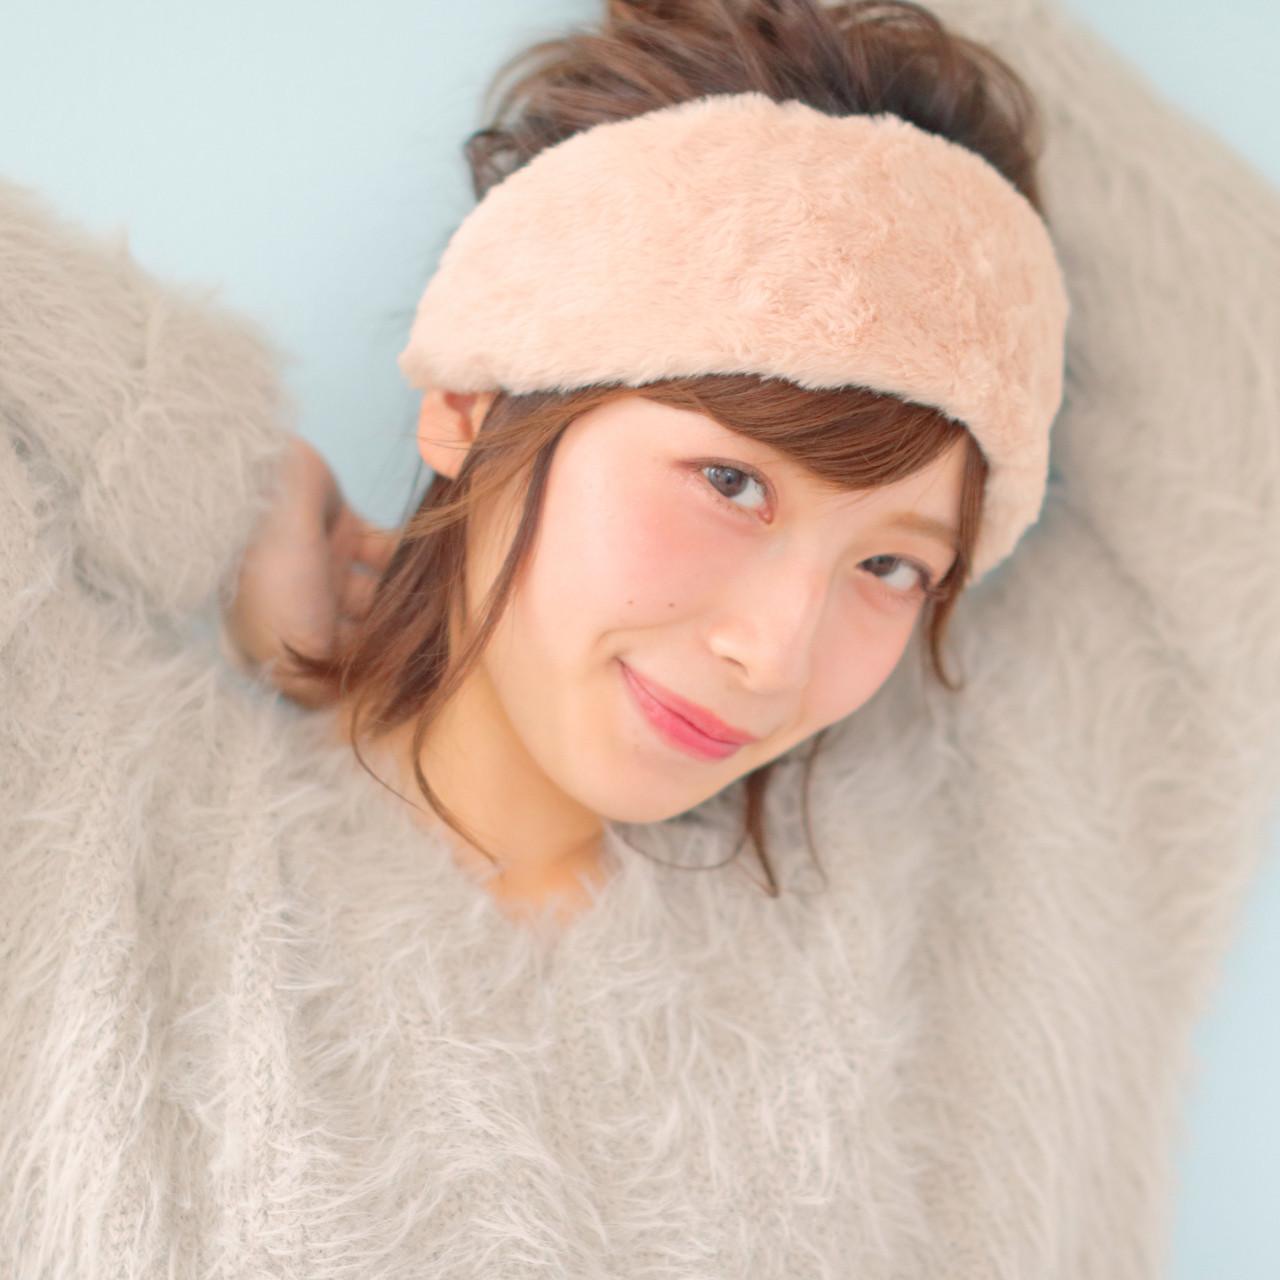 ミディアム ピュア ヘアアレンジ お団子 ヘアスタイルや髪型の写真・画像